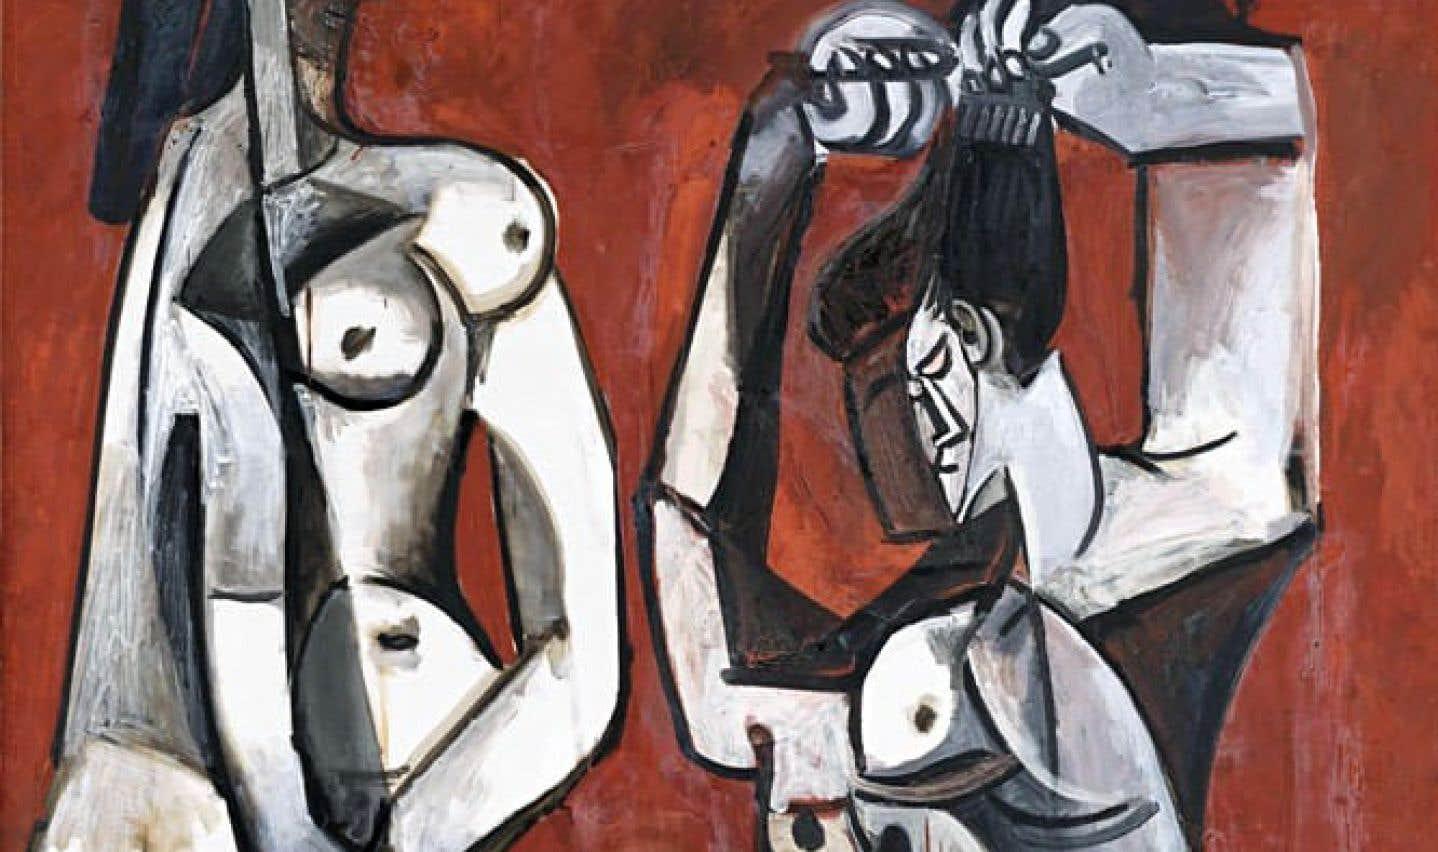 L'œuvre «Femmes à la toilette», de Pablo Picasso, fera partie de l'exposition «Face à face: d'hier à aujourd'hui, les arts premiers et Picasso», qui tournera autour du maître espagnol.